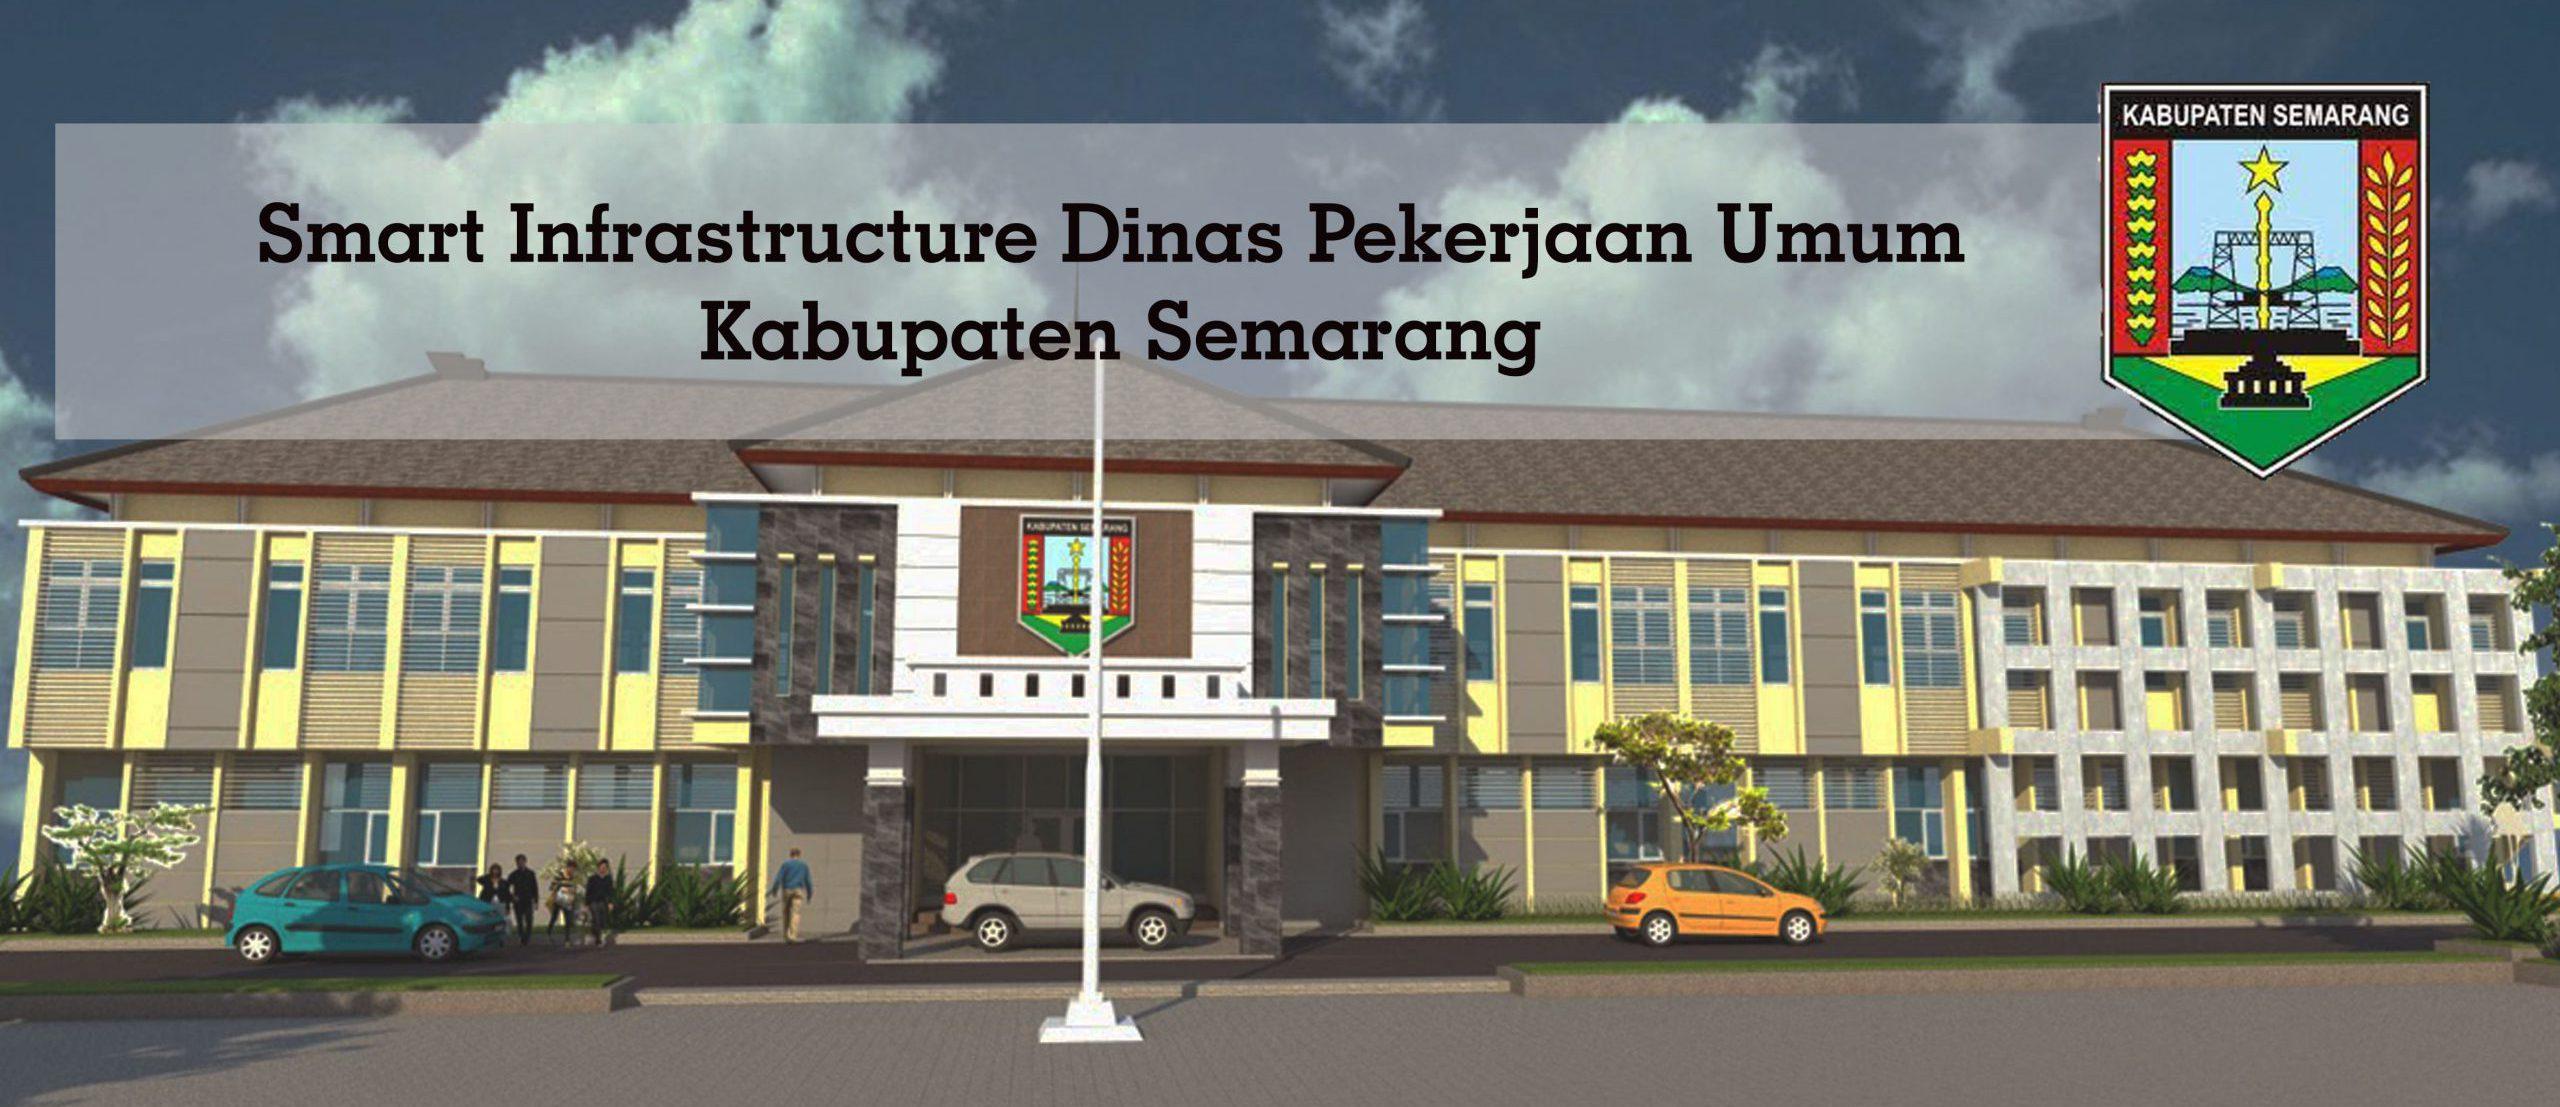 Dinas Pekerjaan Umum Kabupaten Semarang